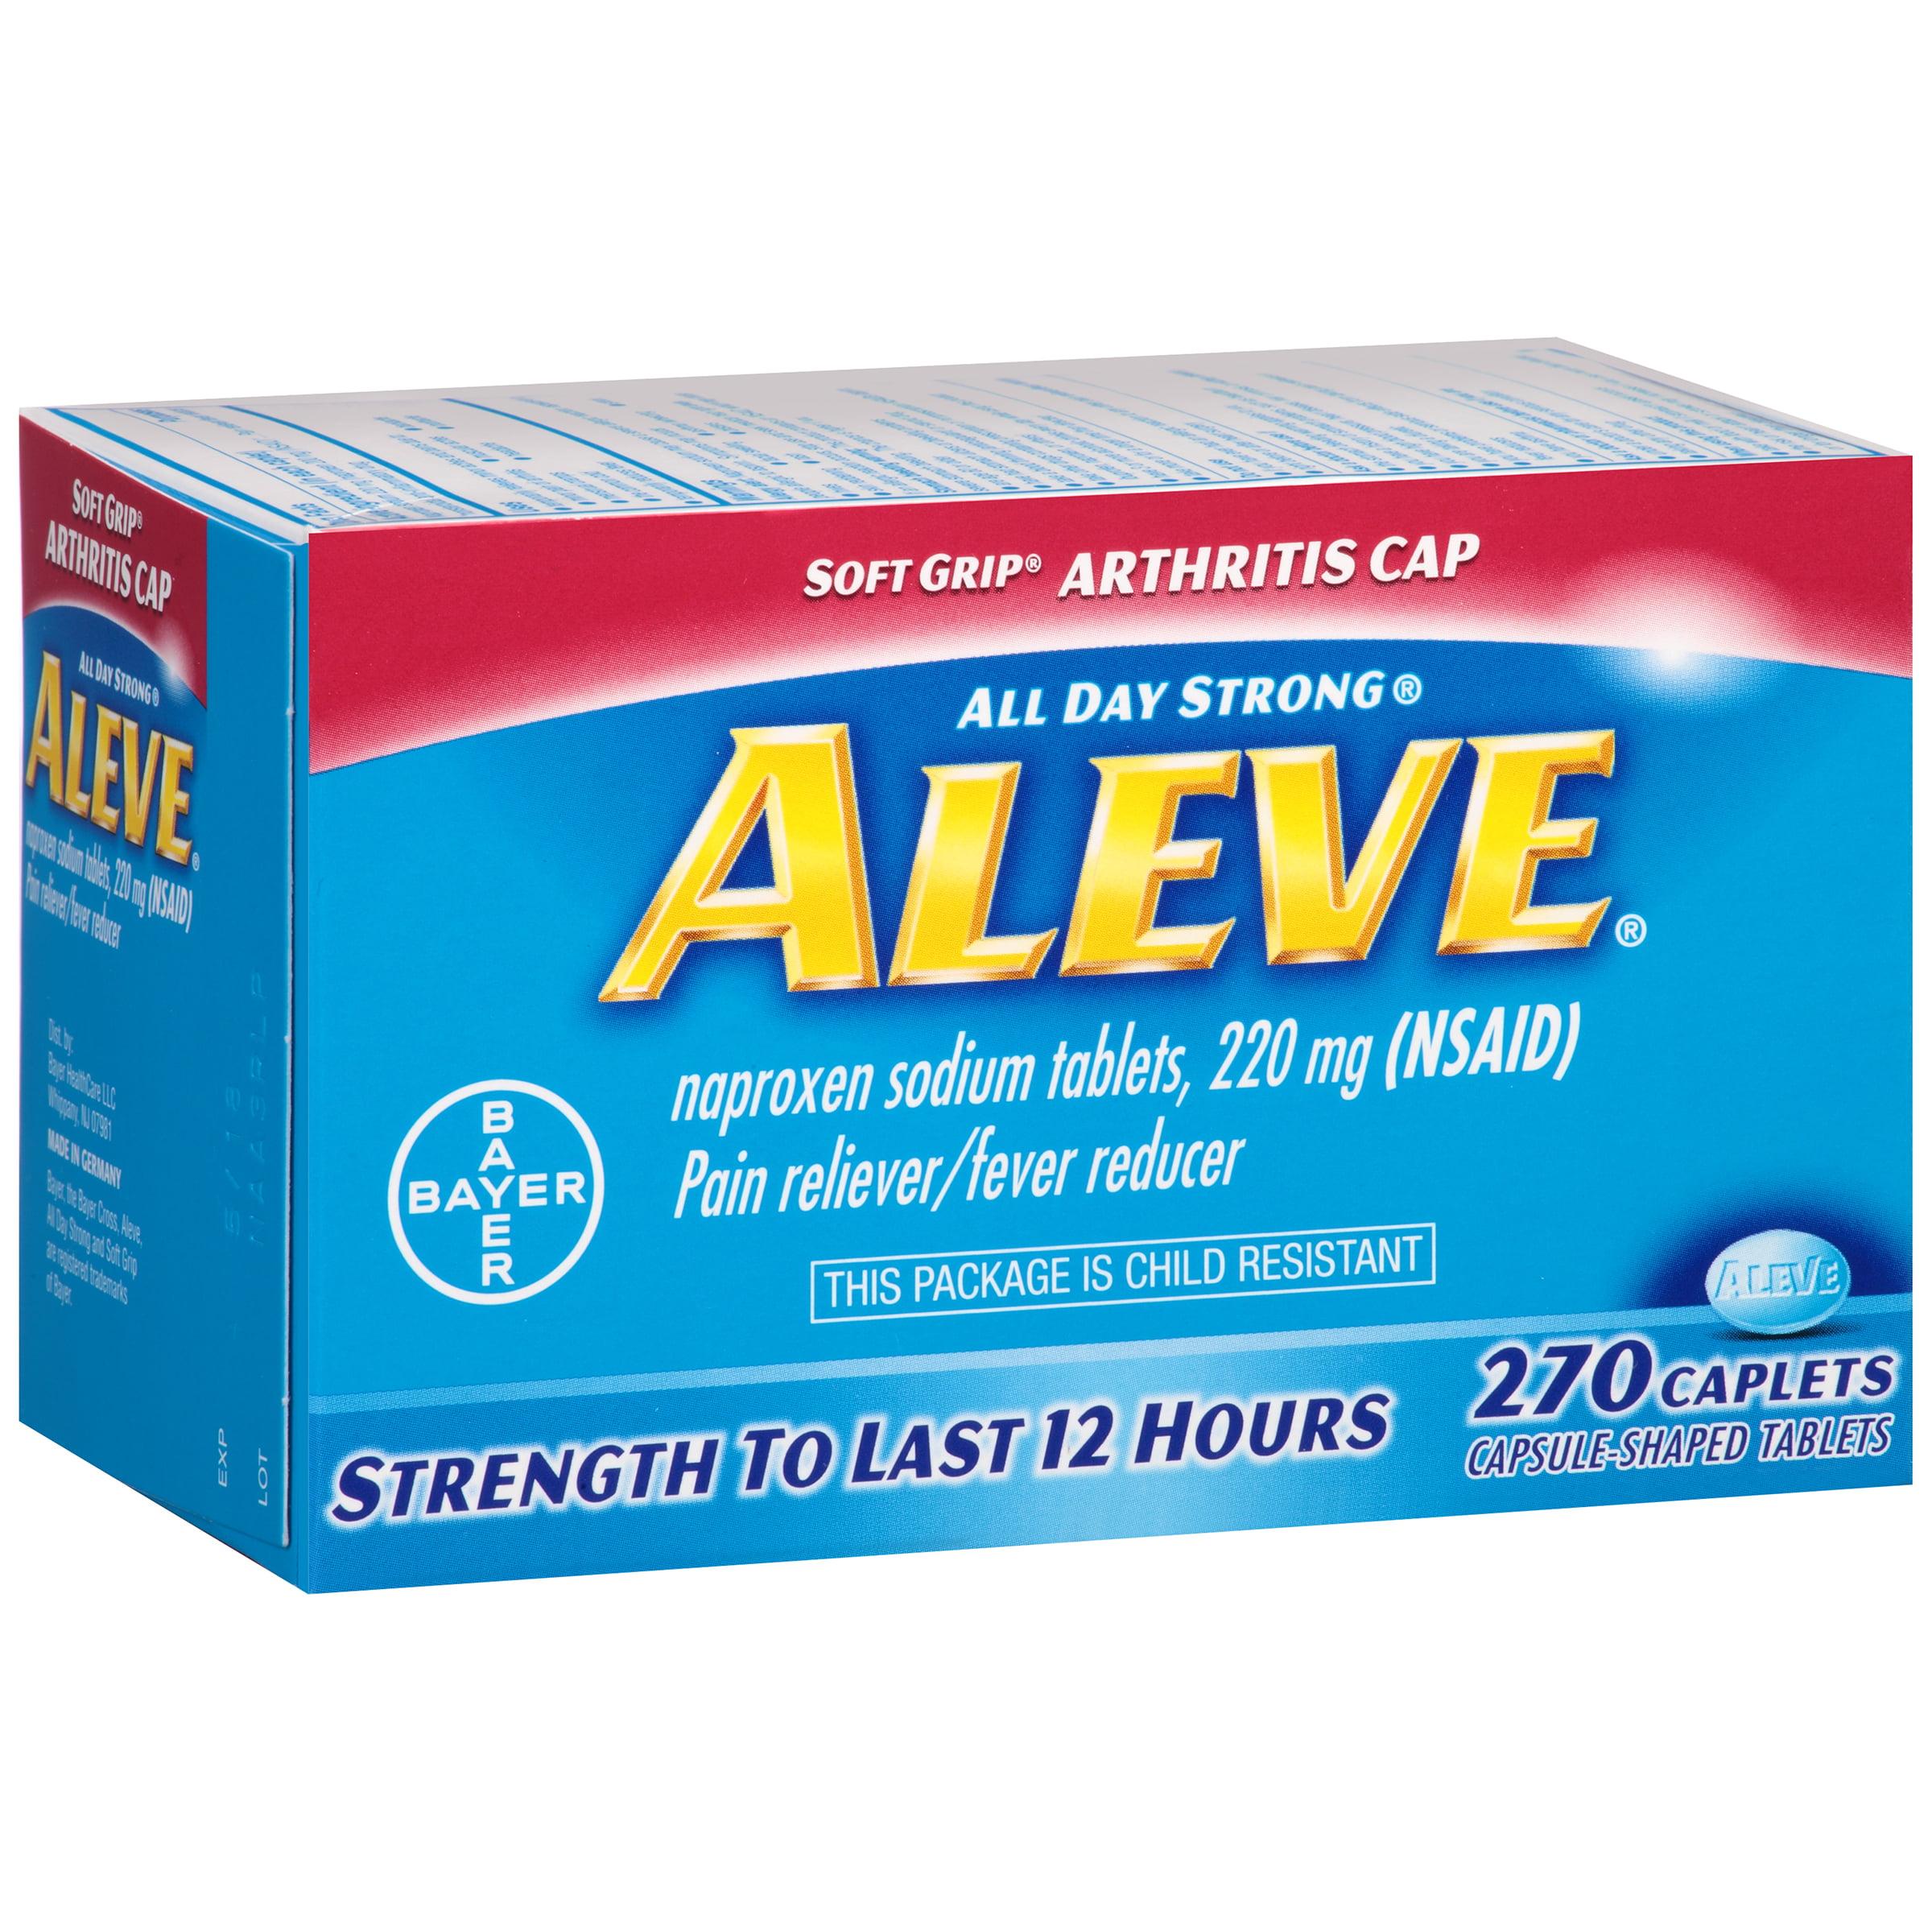 aleve soft grip arthritis cap pain reliever/fever reducer naproxen